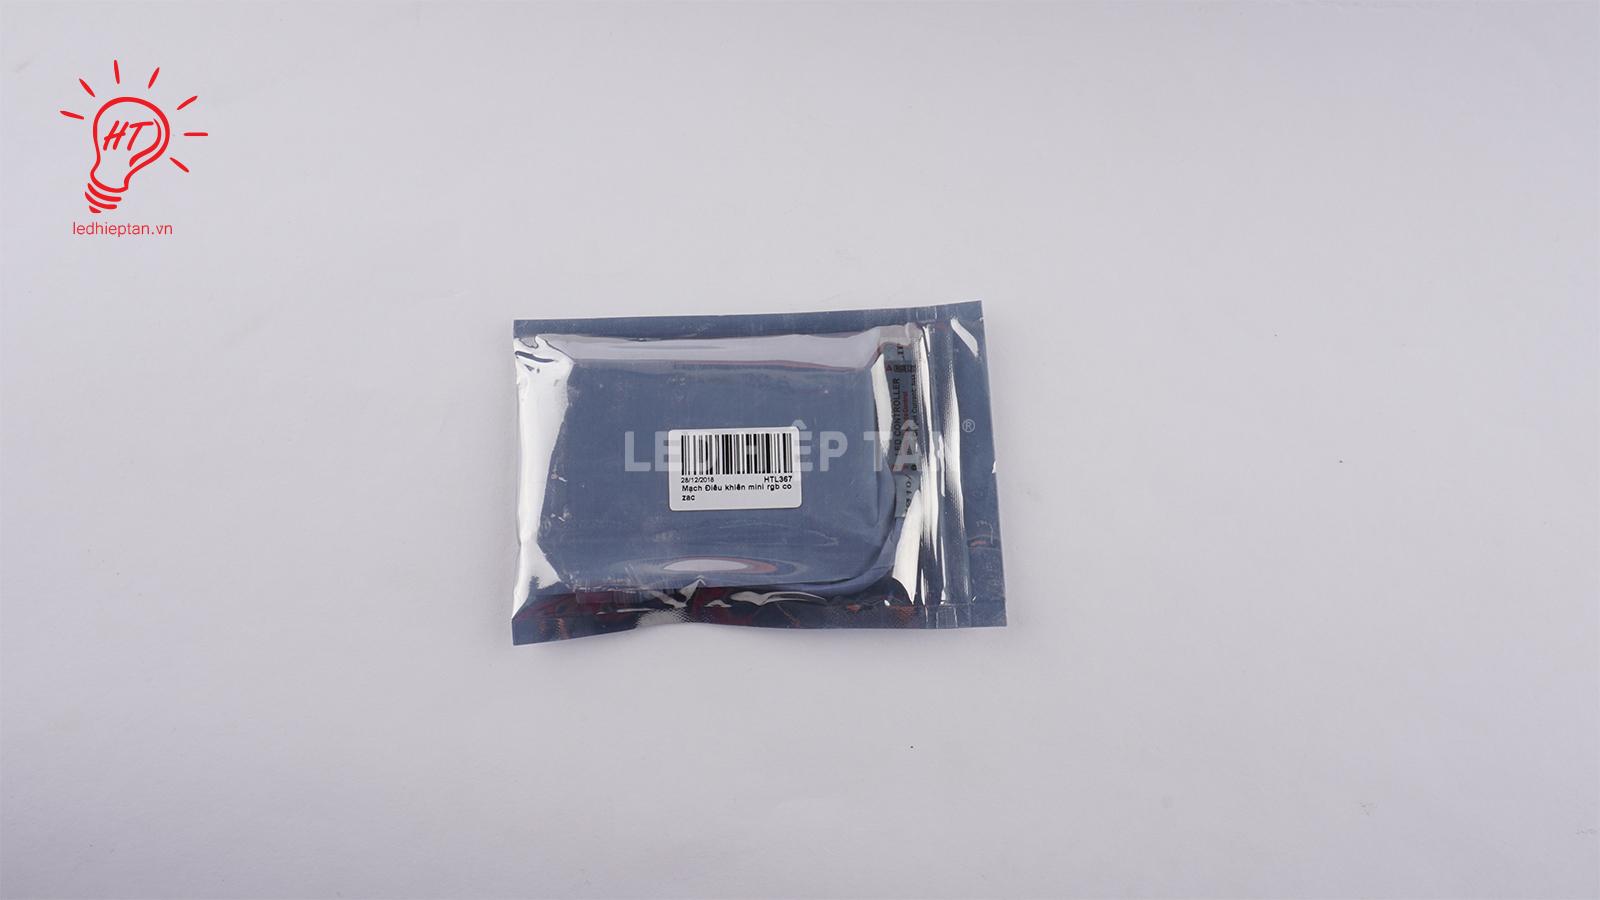 điều - Điều khiển mini RGB có zac - Led Hiệp Tân - Vật tư led Untitled-1-b5dc0384-b807-4255-bfcf-f4a420aa59e0